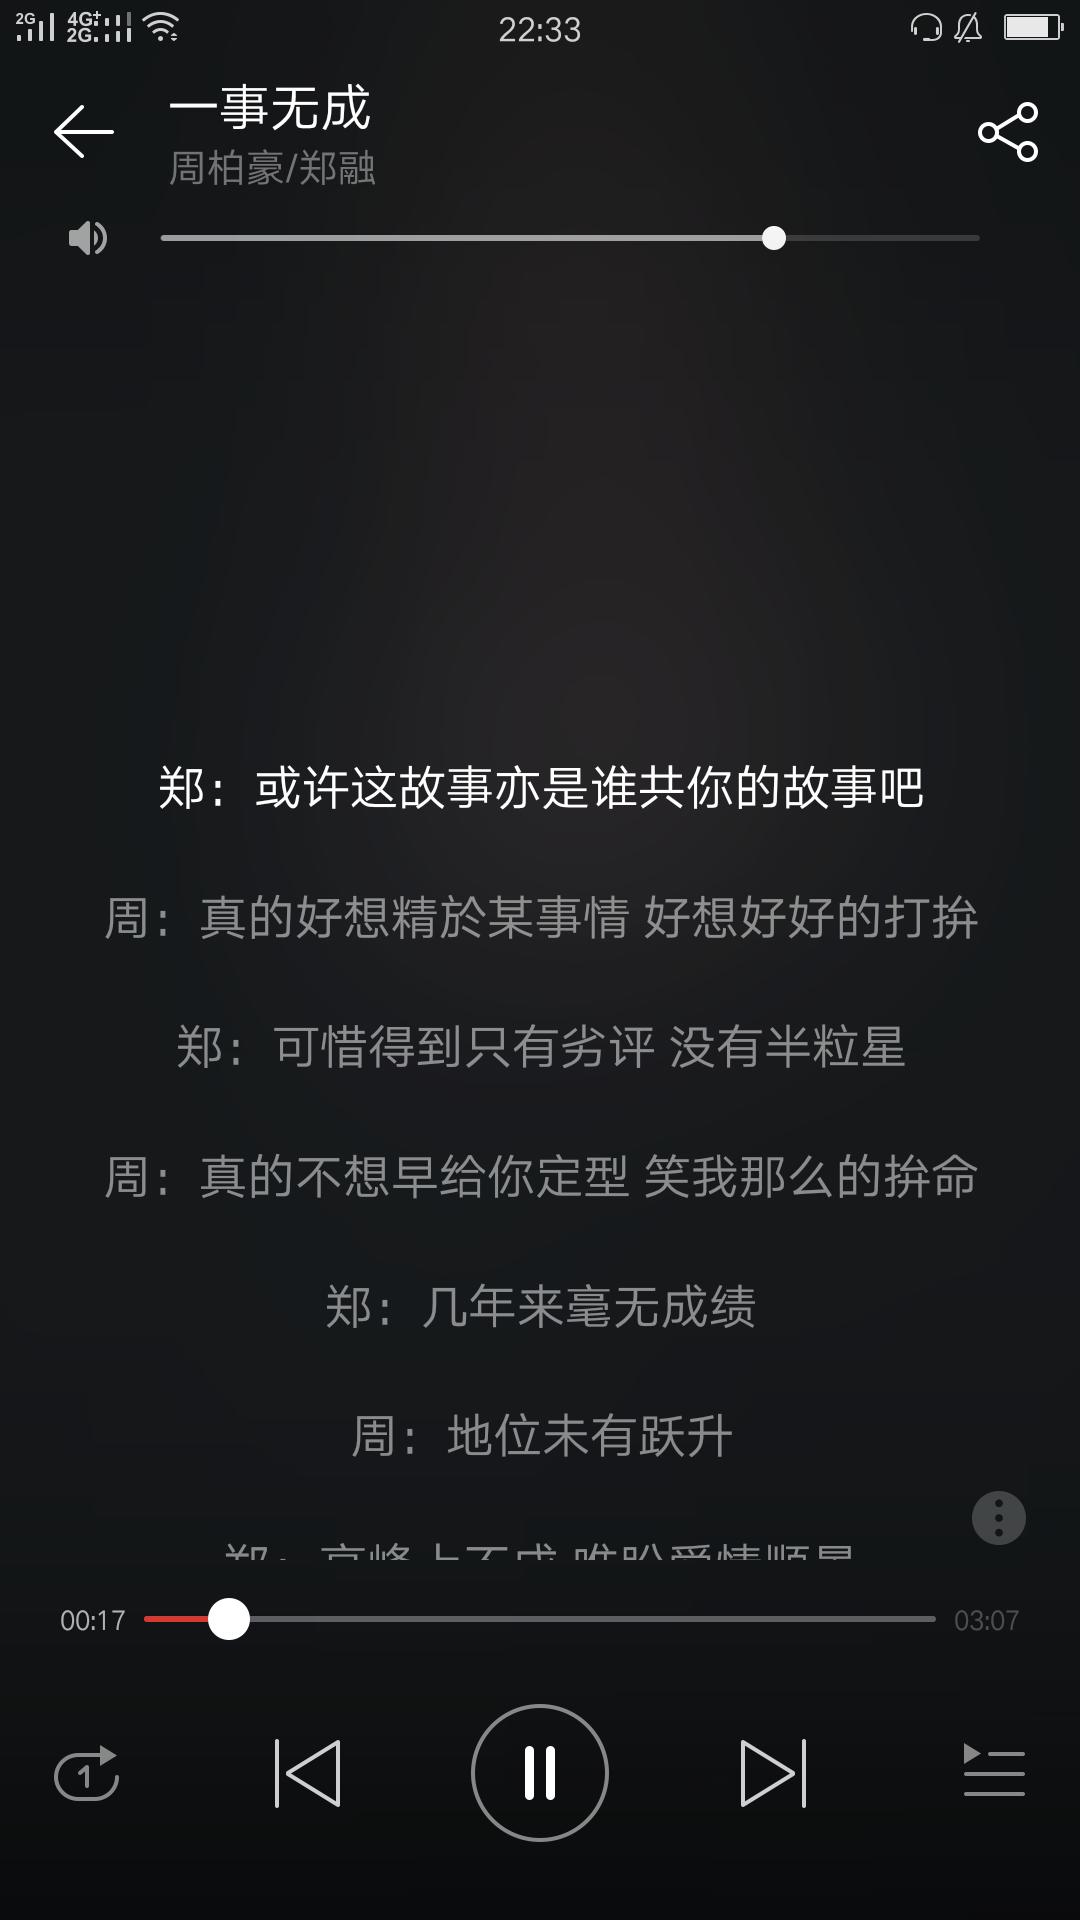 有哪些好听的粤语女声歌曲推荐?